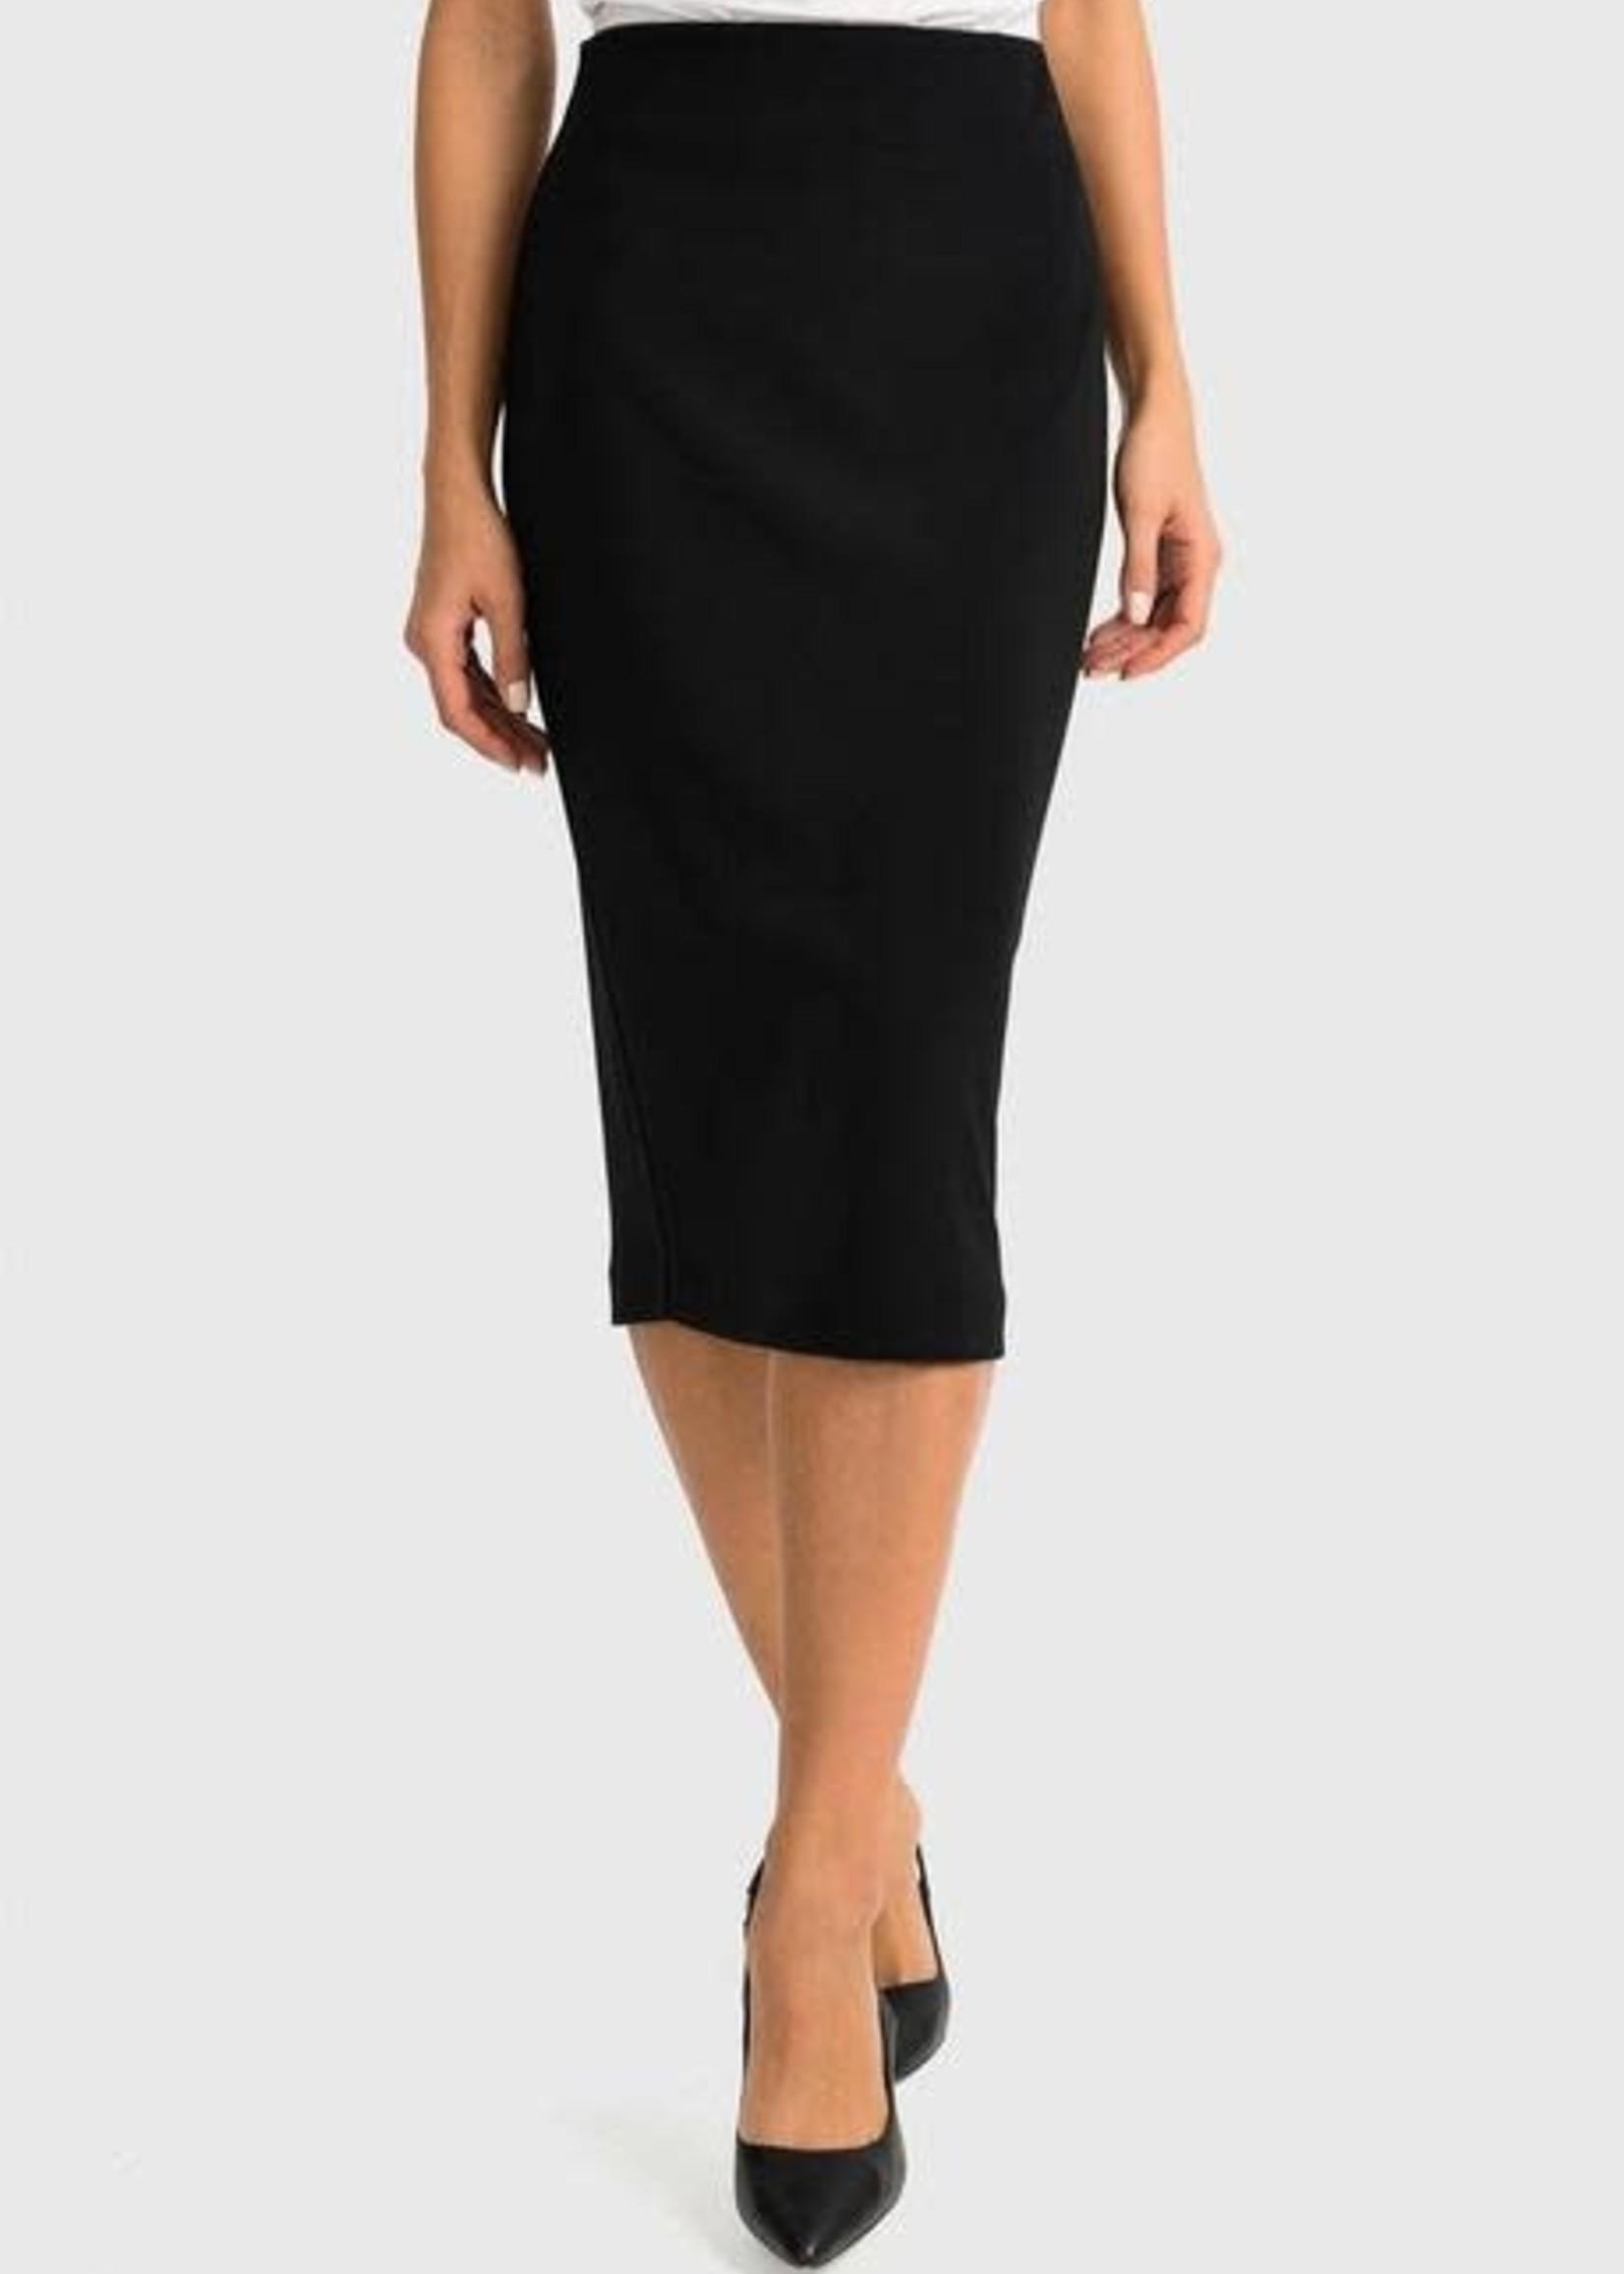 Joseph Ribkoff Joseph Ribkoff Calf Length Skirt